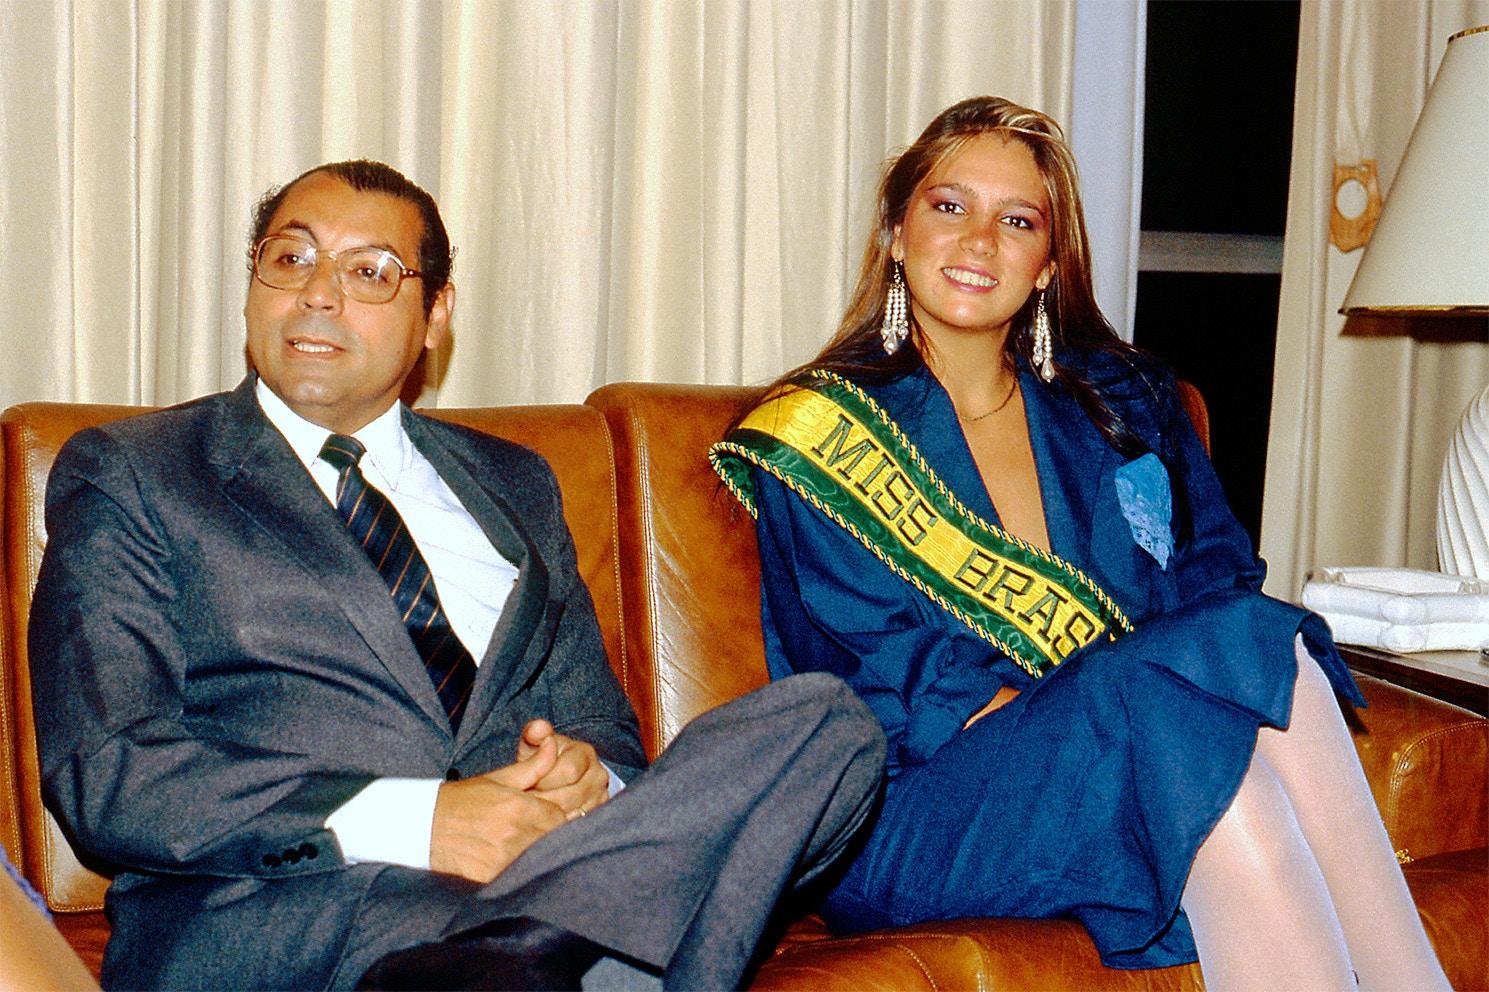 Júlio José de Campos,  então governador de Mato Grosso, e a Miss Brasil 1985, Márcia Gabrielle. Em 1981, quando ainda era deputado federal, Júlio teria procurado a PF para pedir a liberação de suspeito preso em flagrante por contrabando de munição.